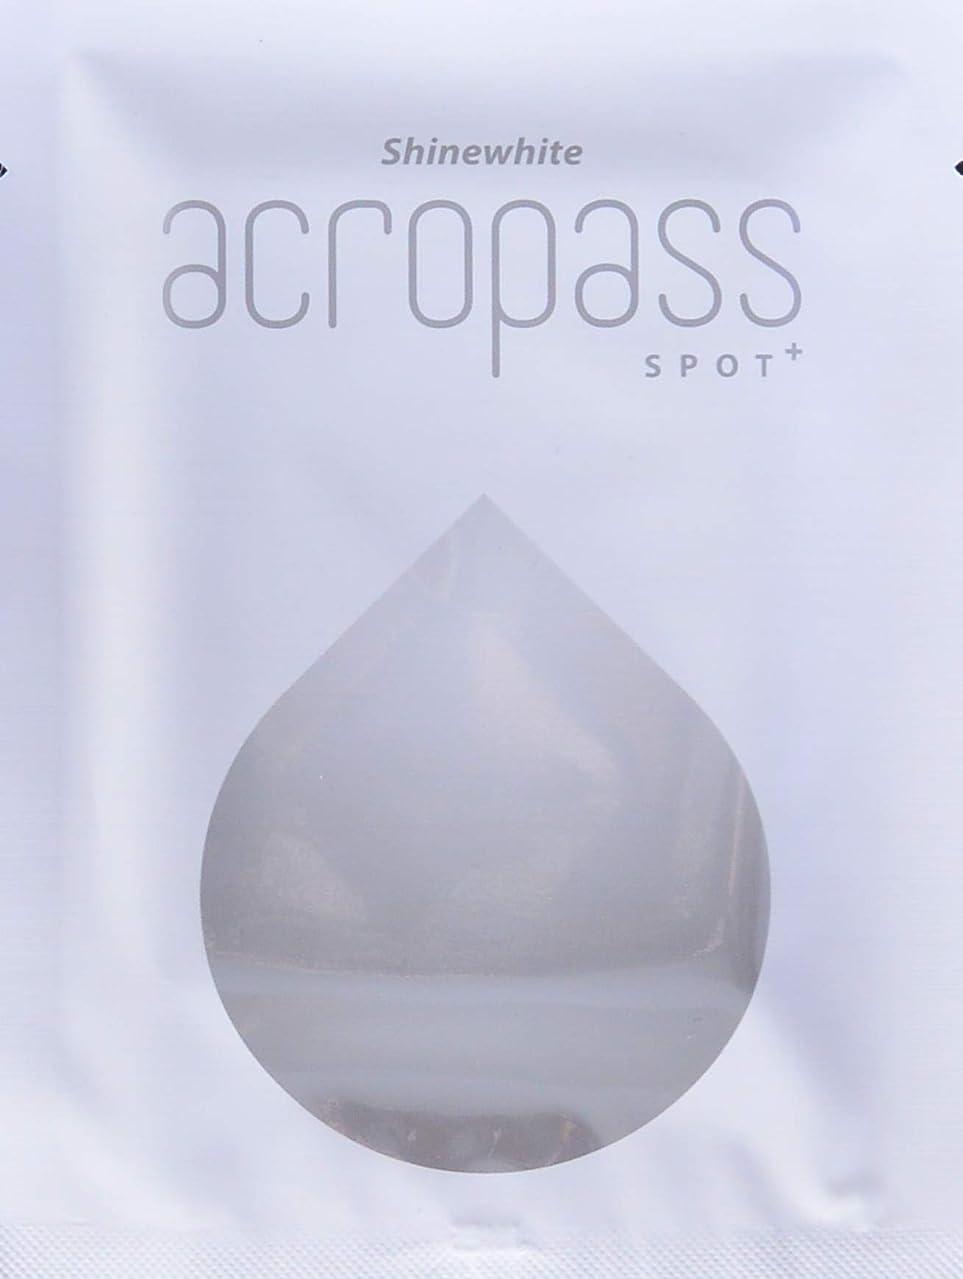 消去目的プラットフォーム★アクロパス スポットプラス★ 1パウチ(2枚入り) 美白効果をプラスしたアクロパス、ヒアルロン酸+4種の美白成分配合マイクロニードルパッチ。 他にお得な2パウチセットもございます